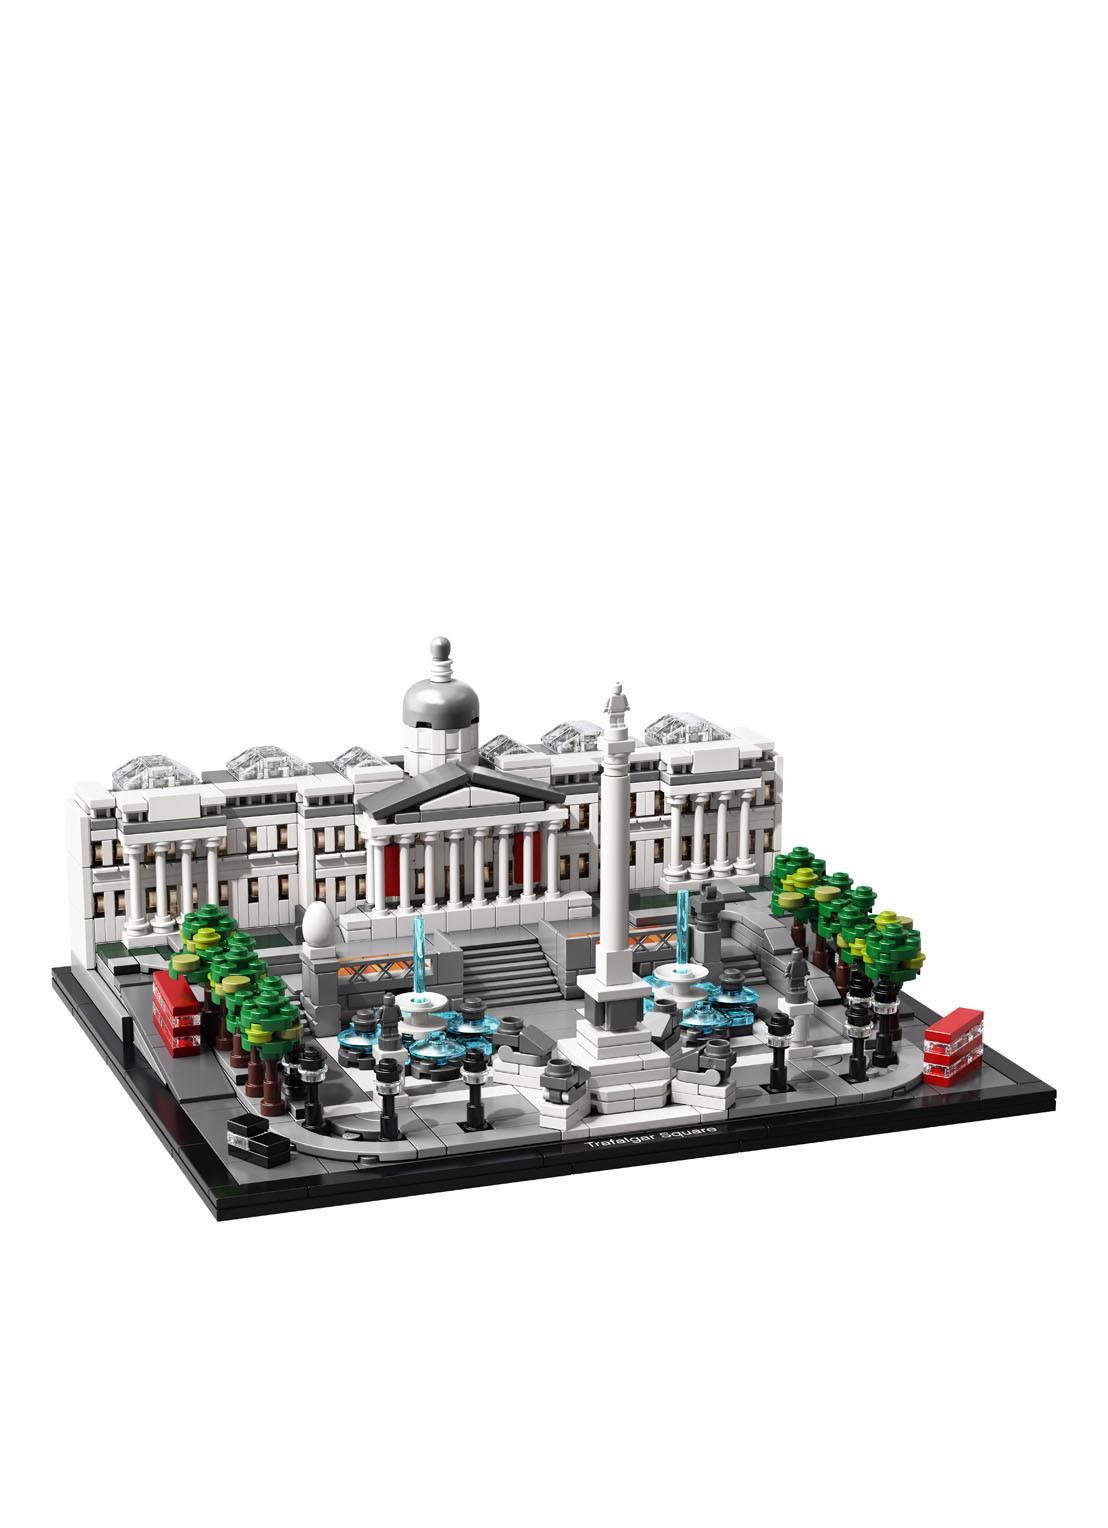 LEGO Trafalgar Square – 21045